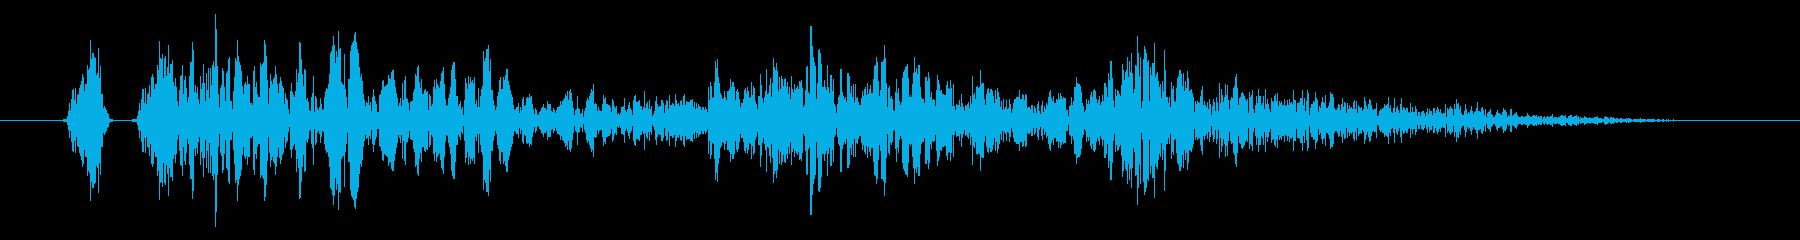 土床へのダウン、足音、落下音に最適です!の再生済みの波形